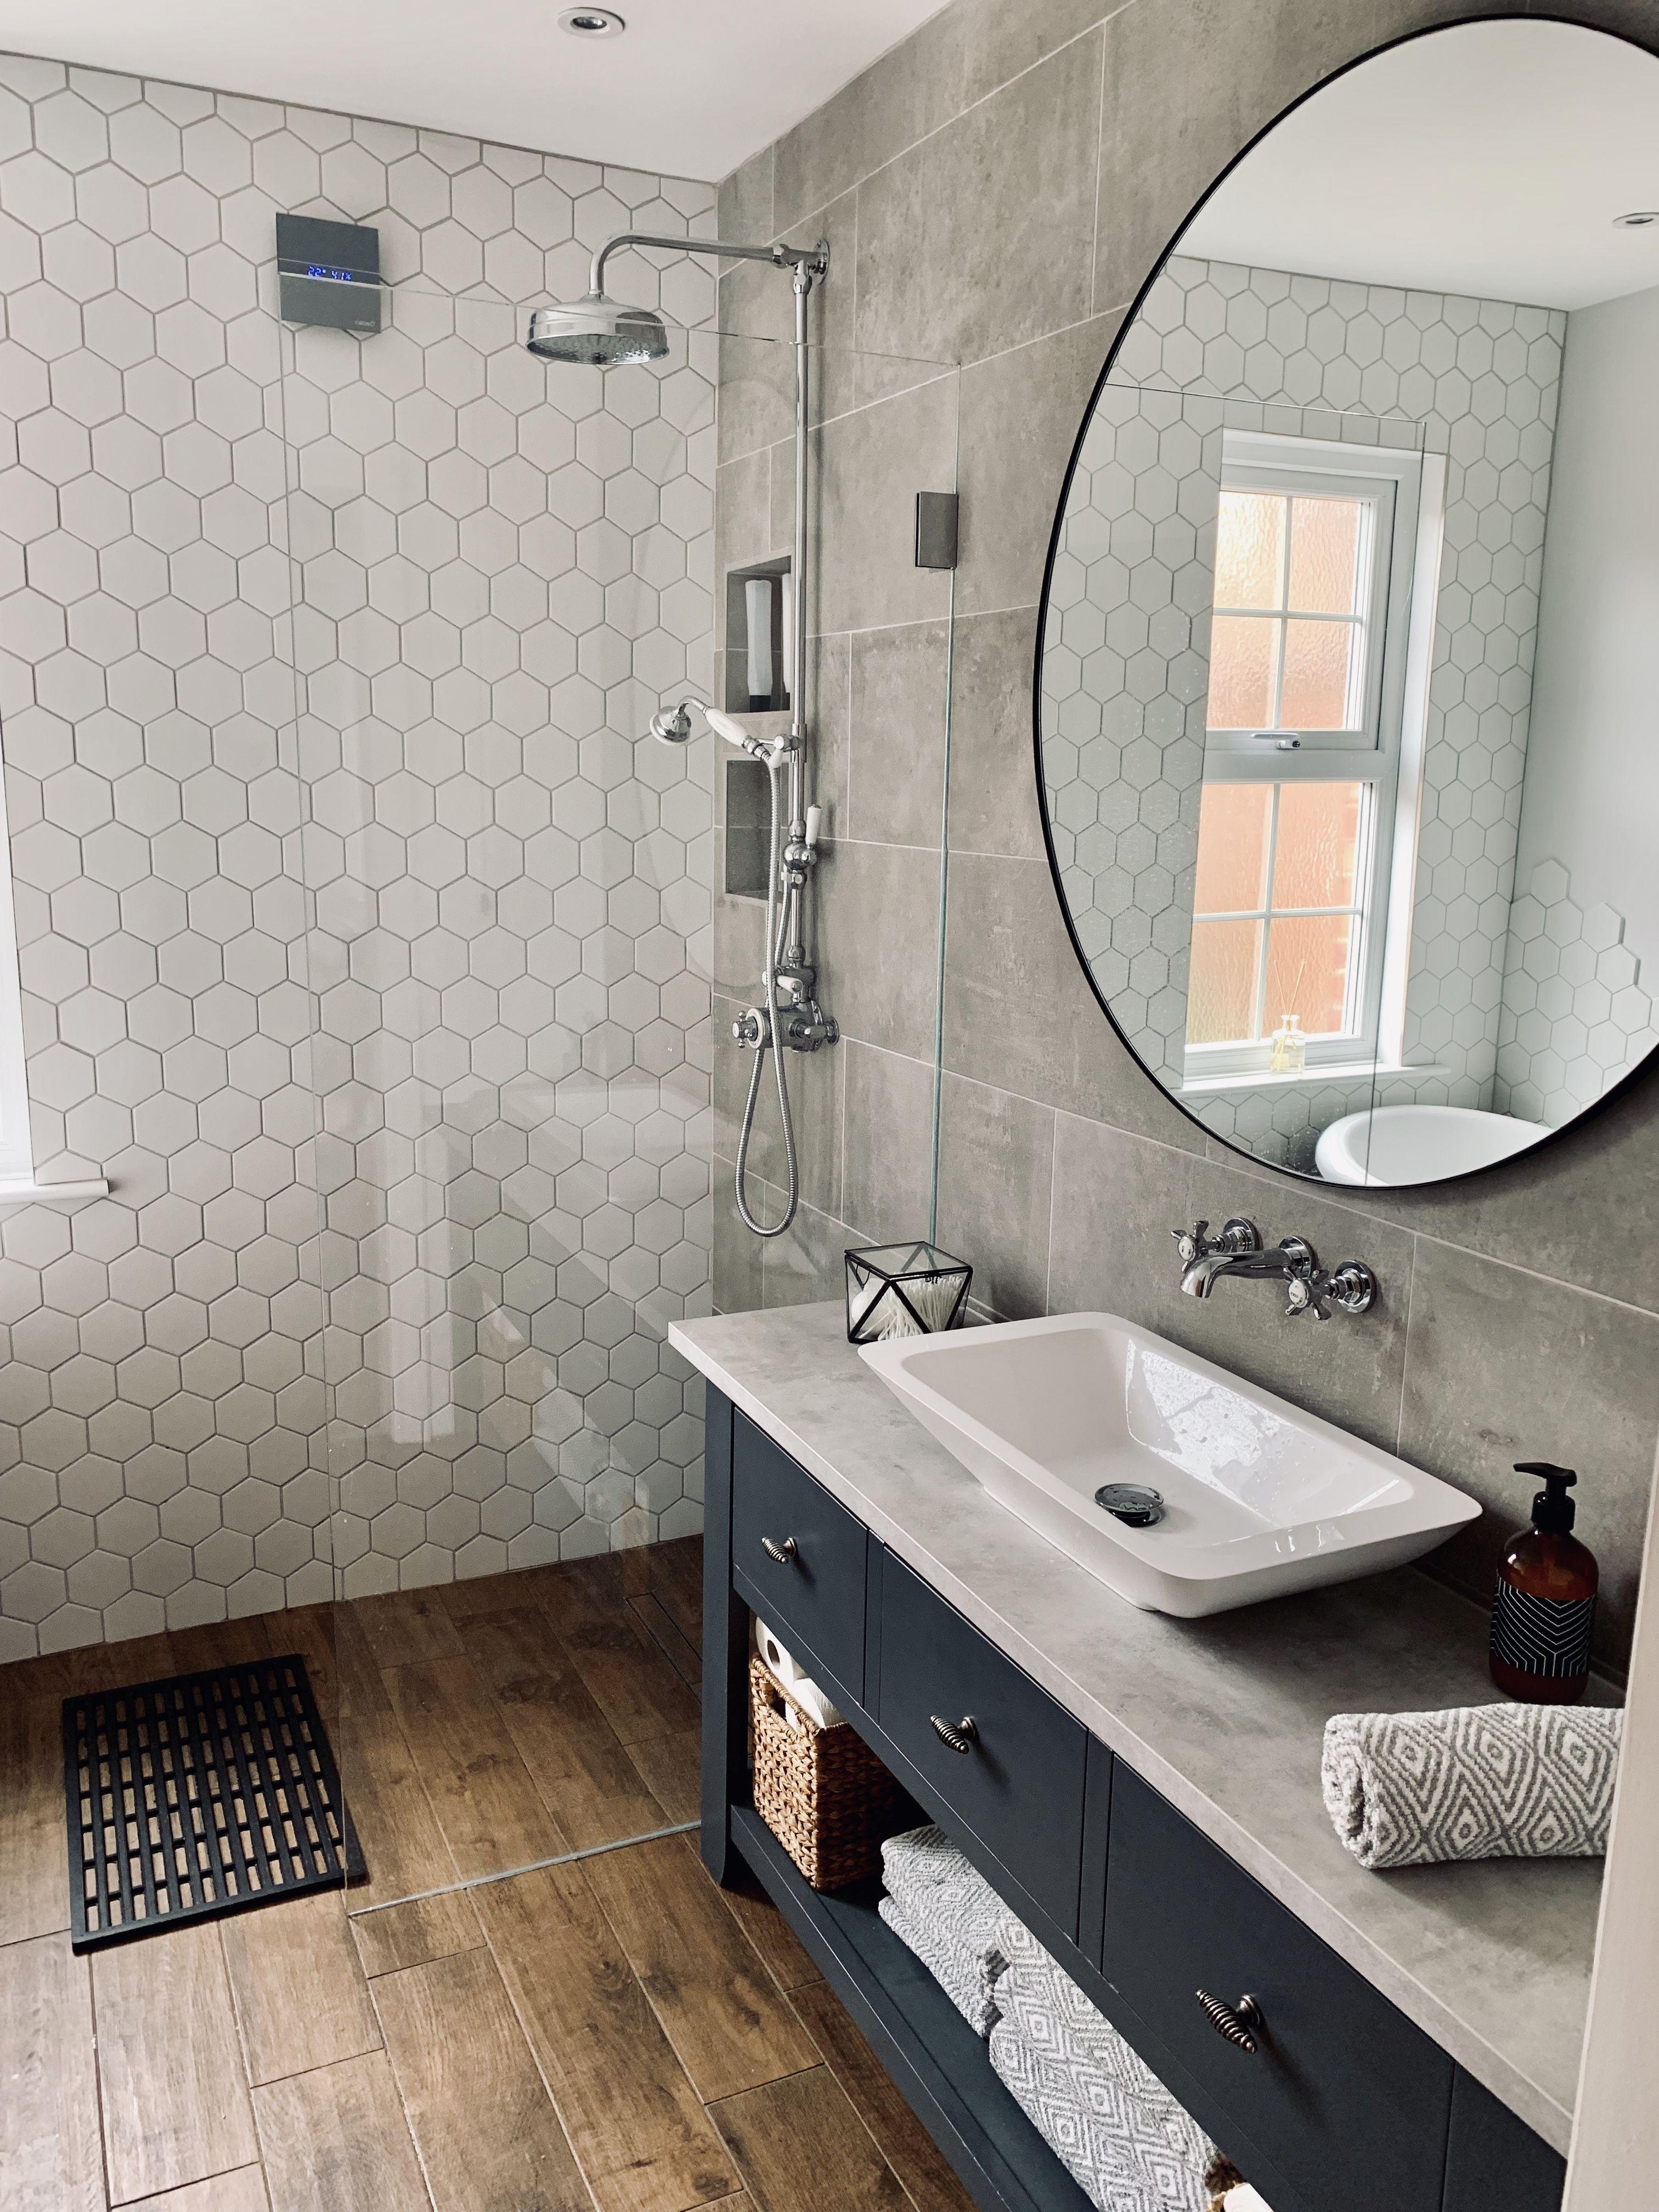 Concrete Grey Tile Wet Room Bathroom Wetrooms Wood Effect Floor Tiles And Hexagonal Tiles Wet In 2020 Badezimmer Holzboden Holzfliesen Dusche Holzfliesen Badezimmer